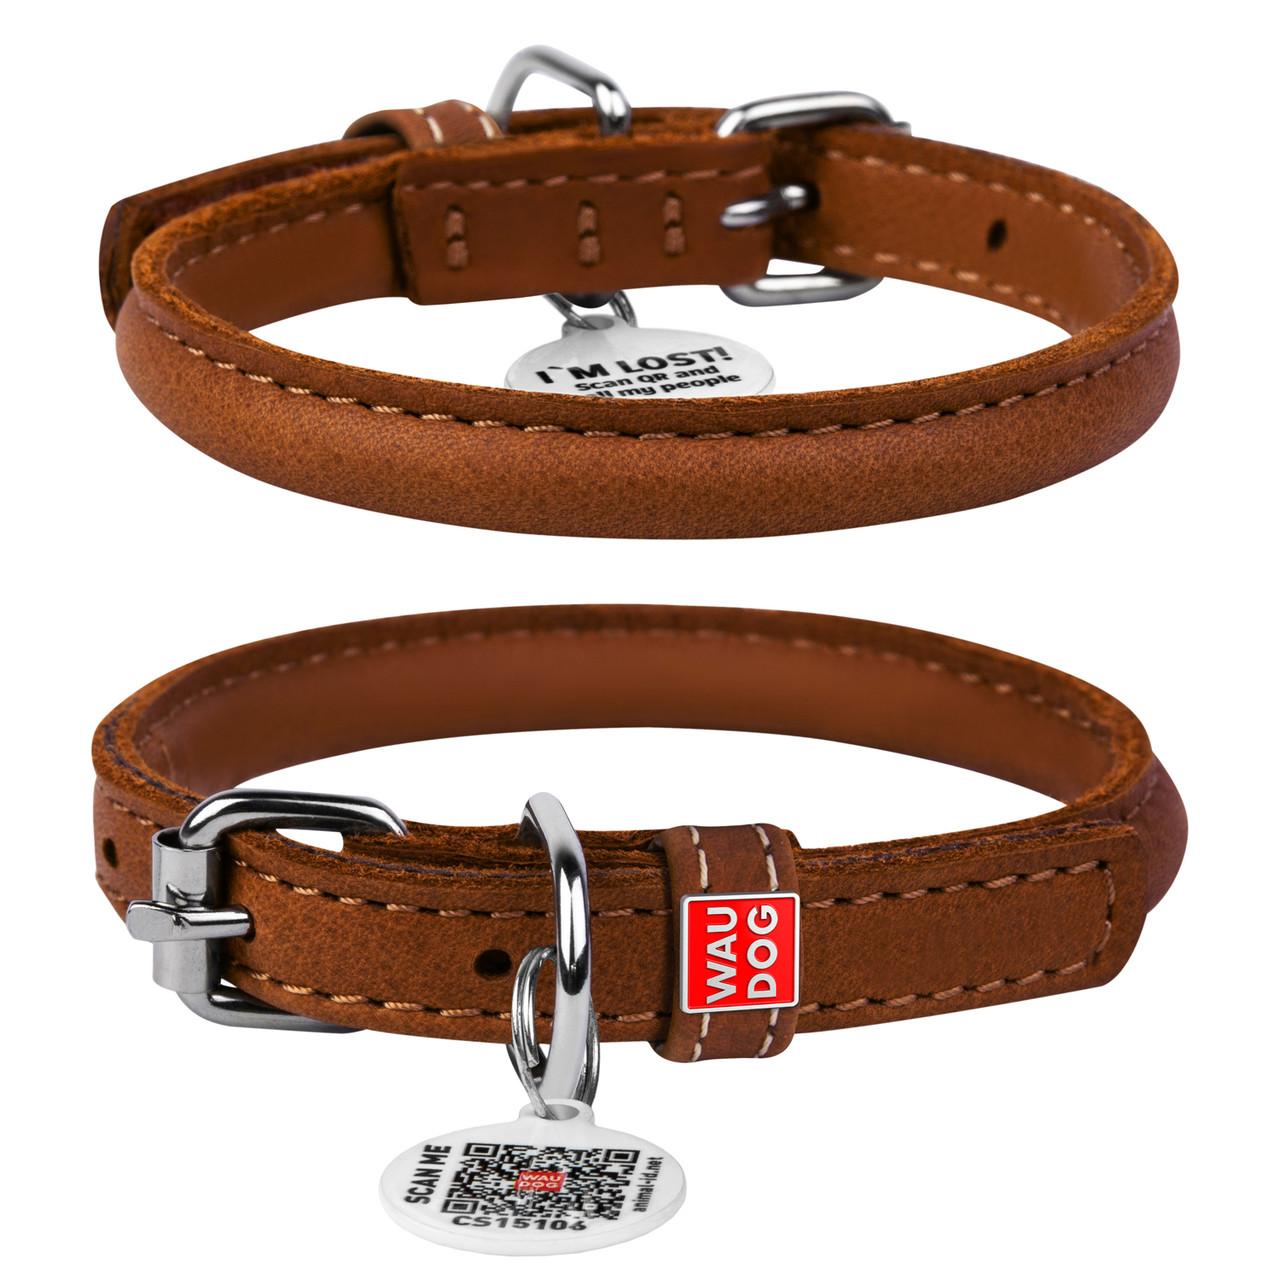 Ошейник для собак кожаный WAUDOG Soft с QR паспортом, круглый, XS, Д 8 мм, Дл 25-33 см